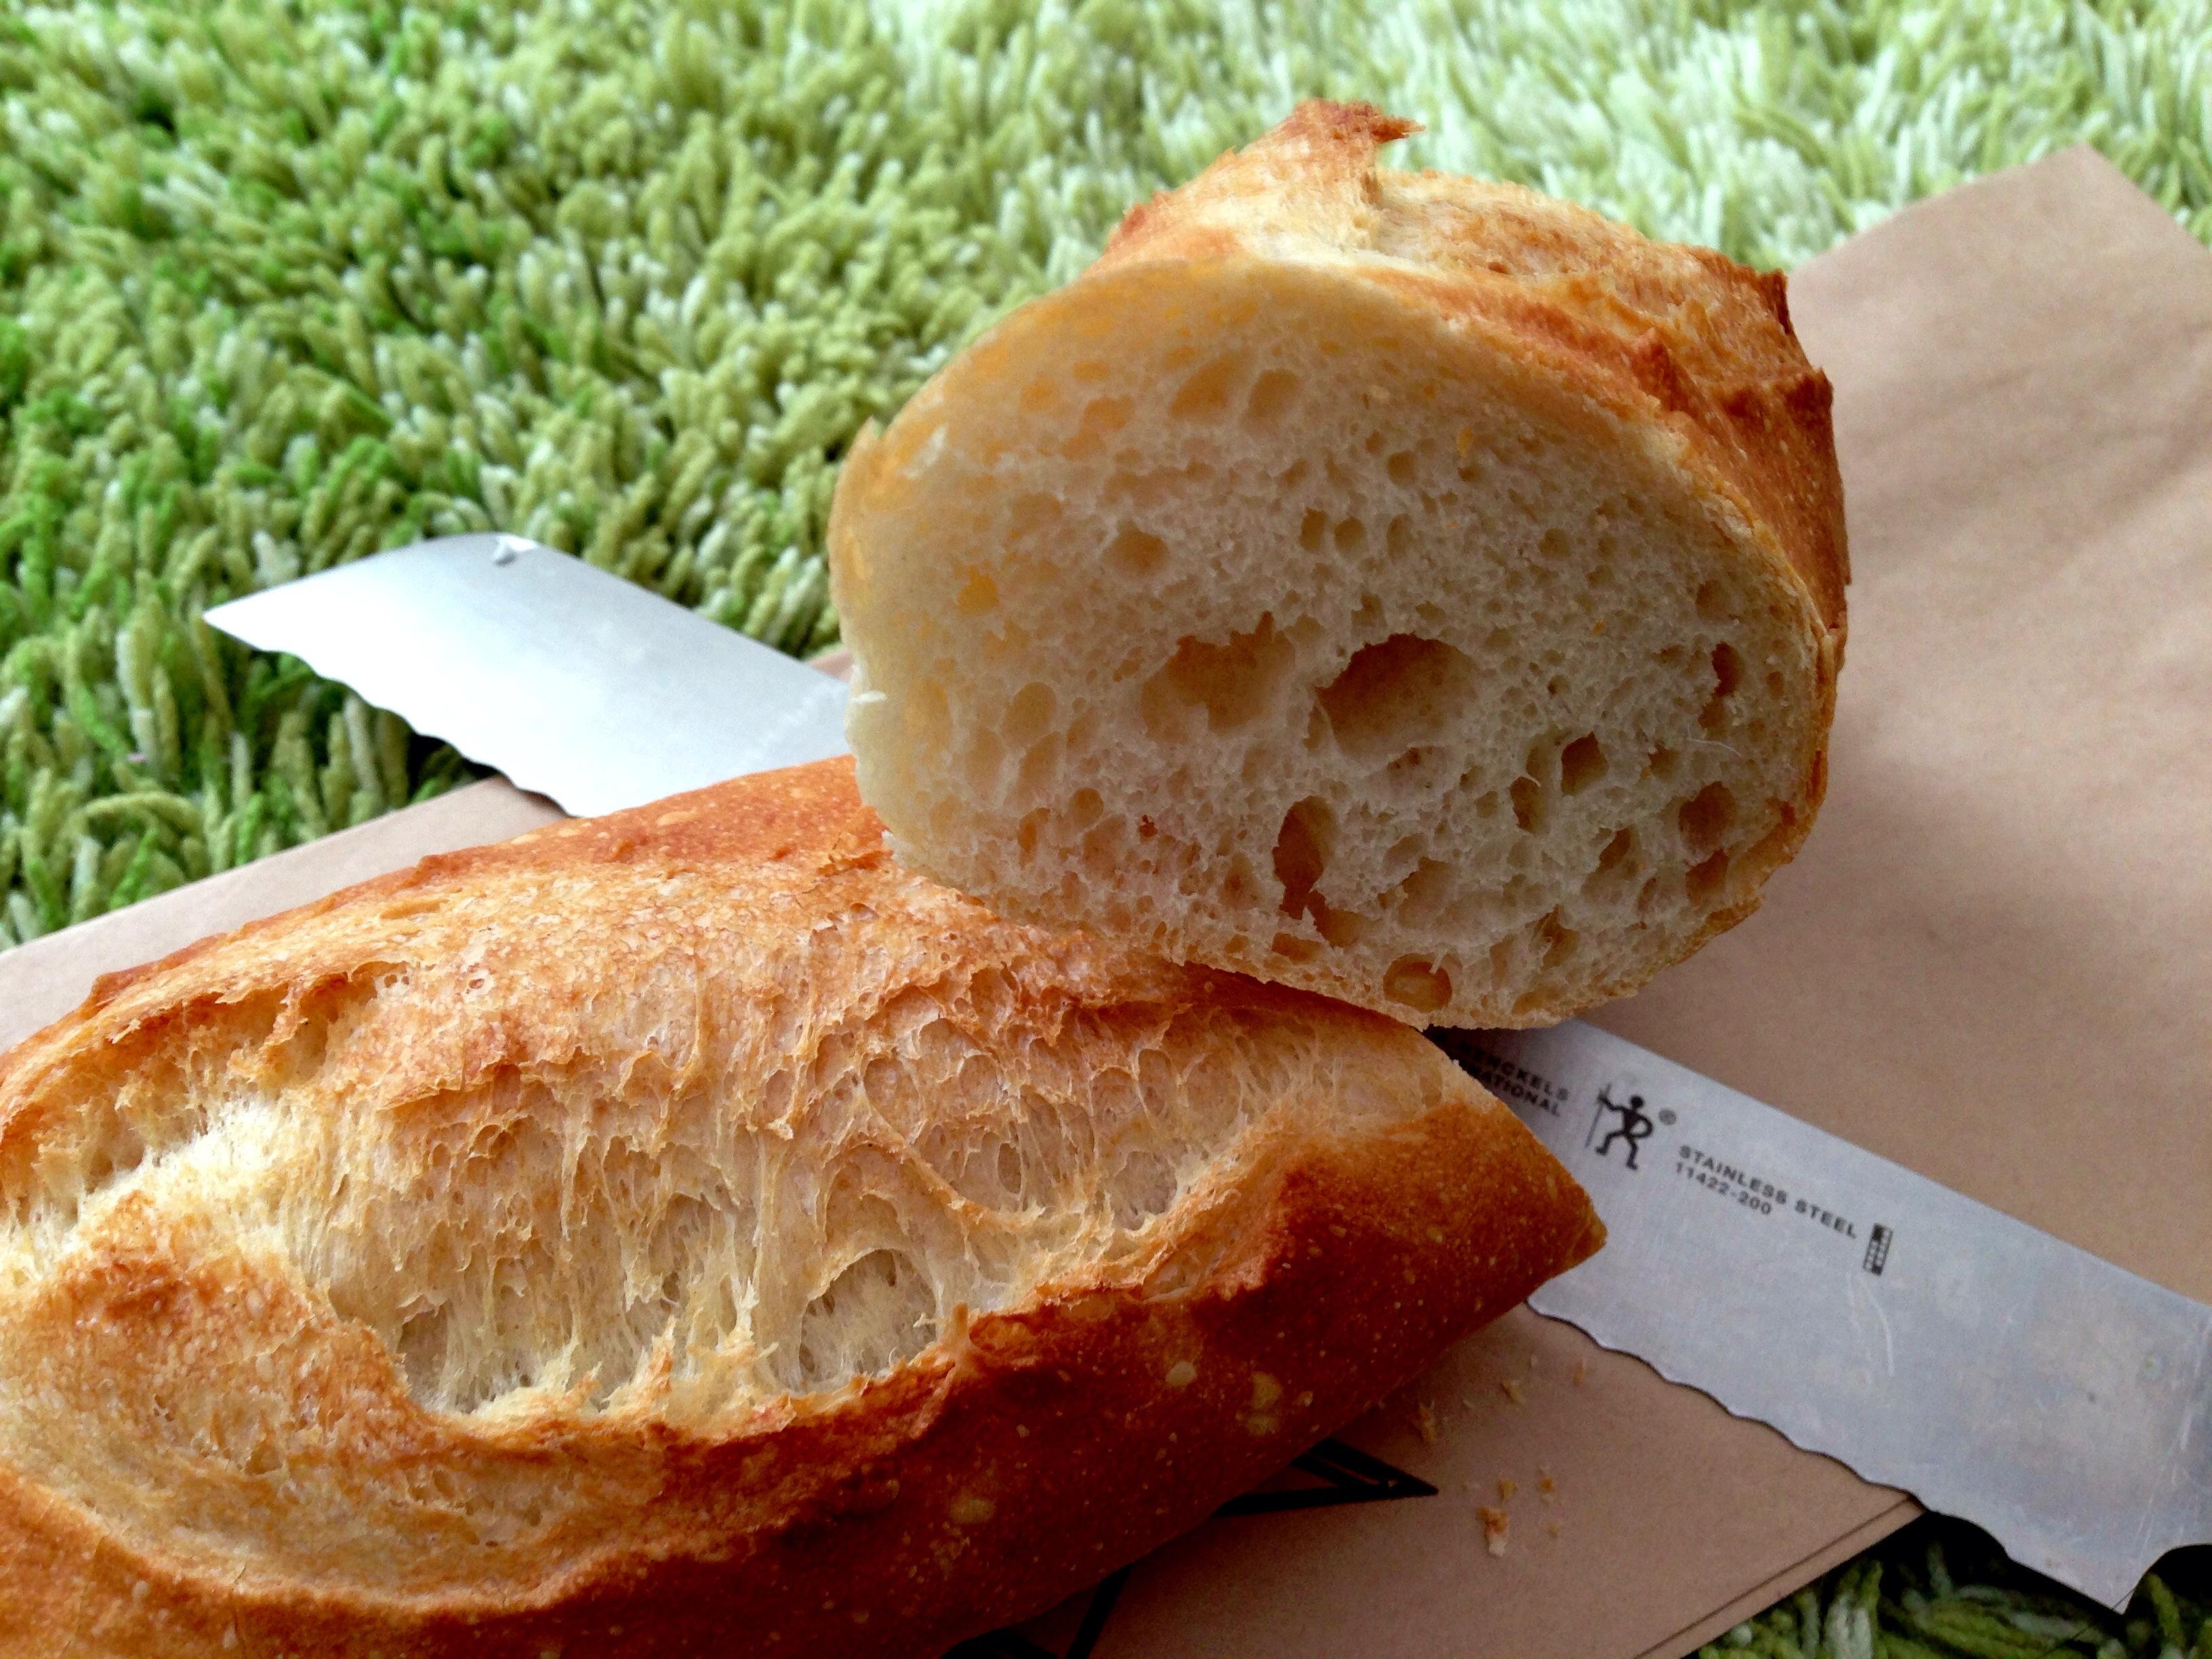 【糸島】静かな住宅街にある天然酵母のパン屋さん。焼き立ては店内のテーブルでいただきたい!「BAKERY HARE」